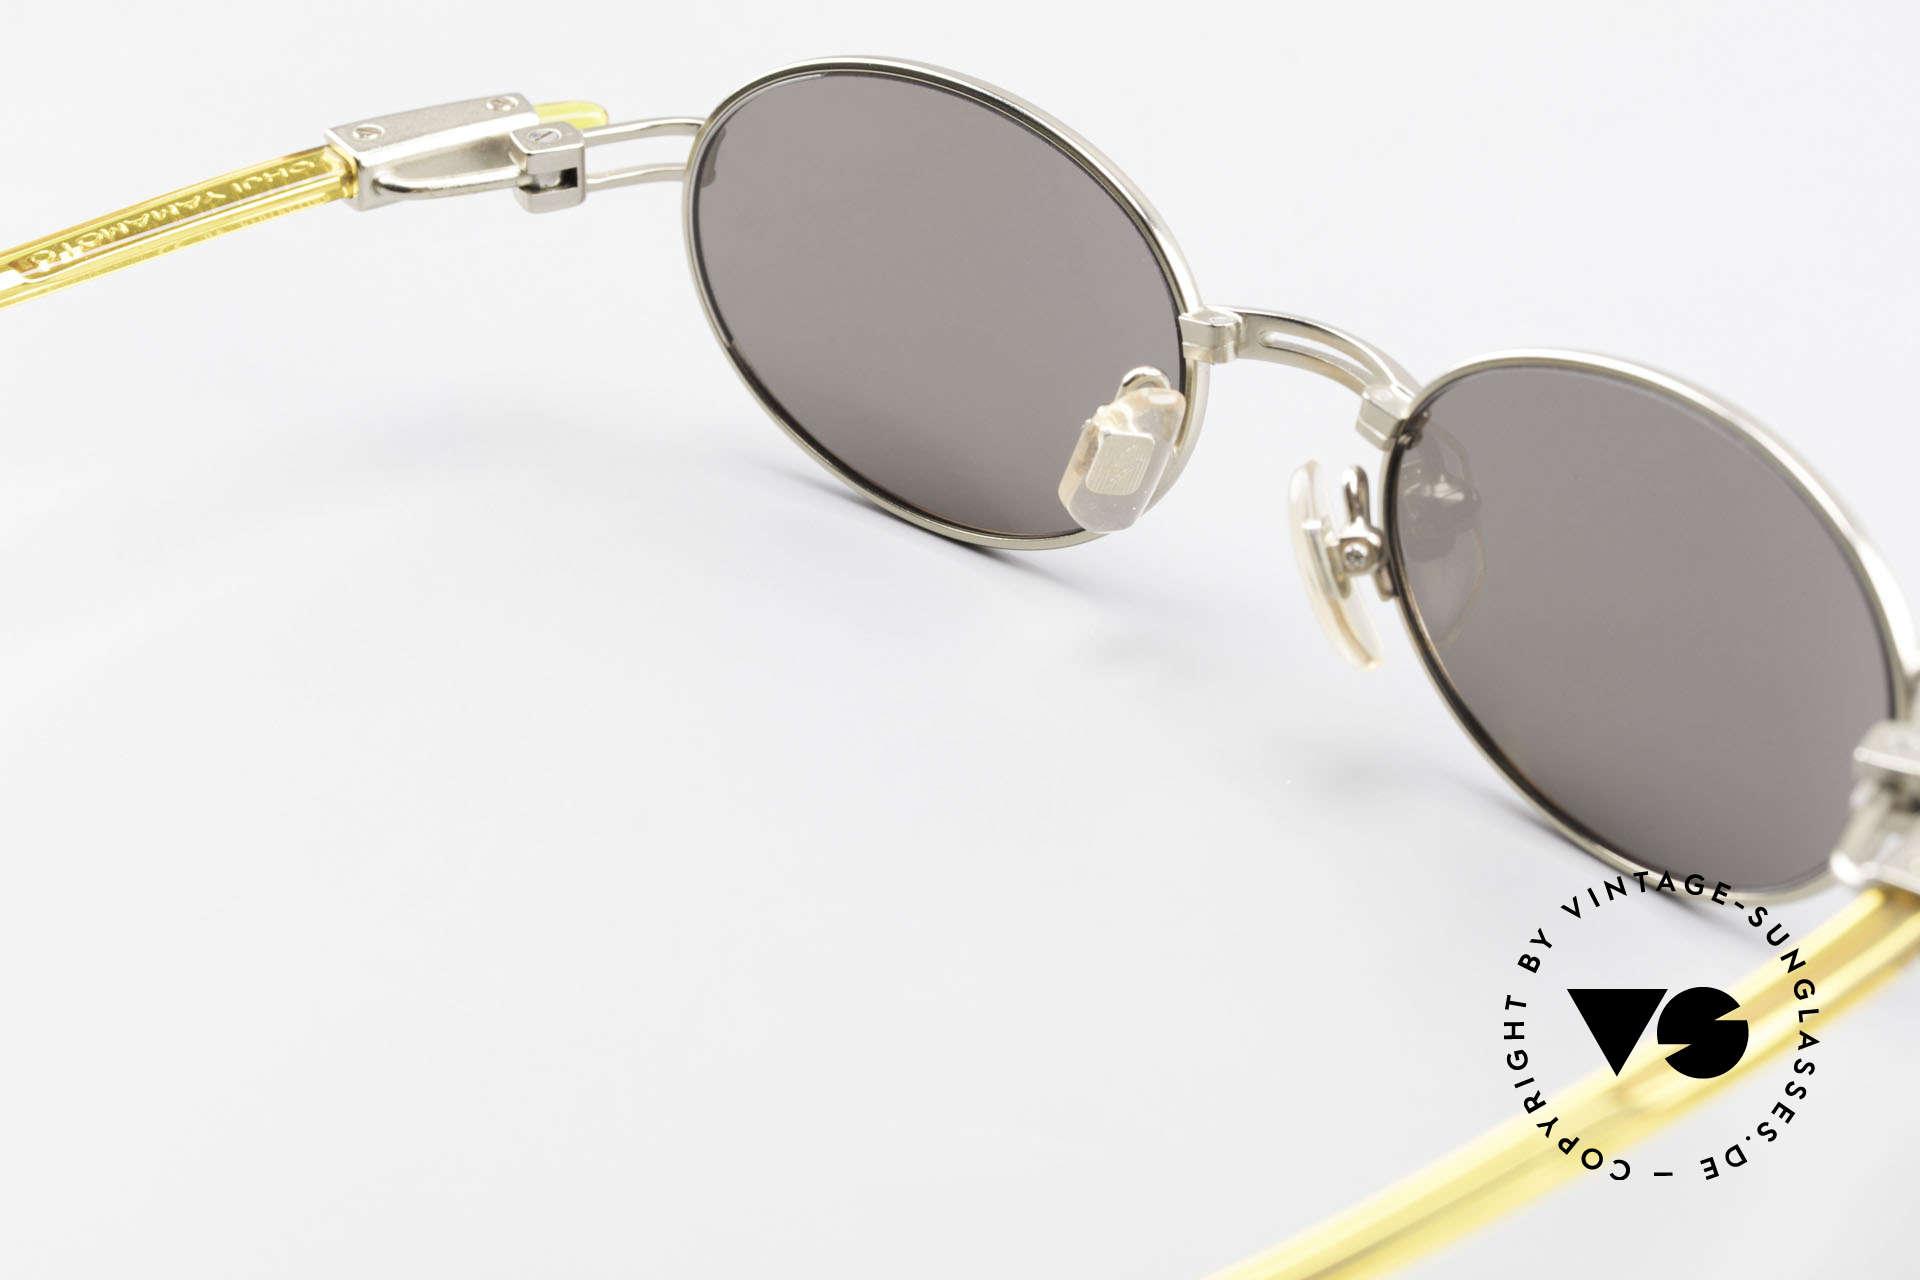 Yohji Yamamoto 52-7202 Designerbrille Oval Vintage, Größe: extra large, Passend für Herren und Damen